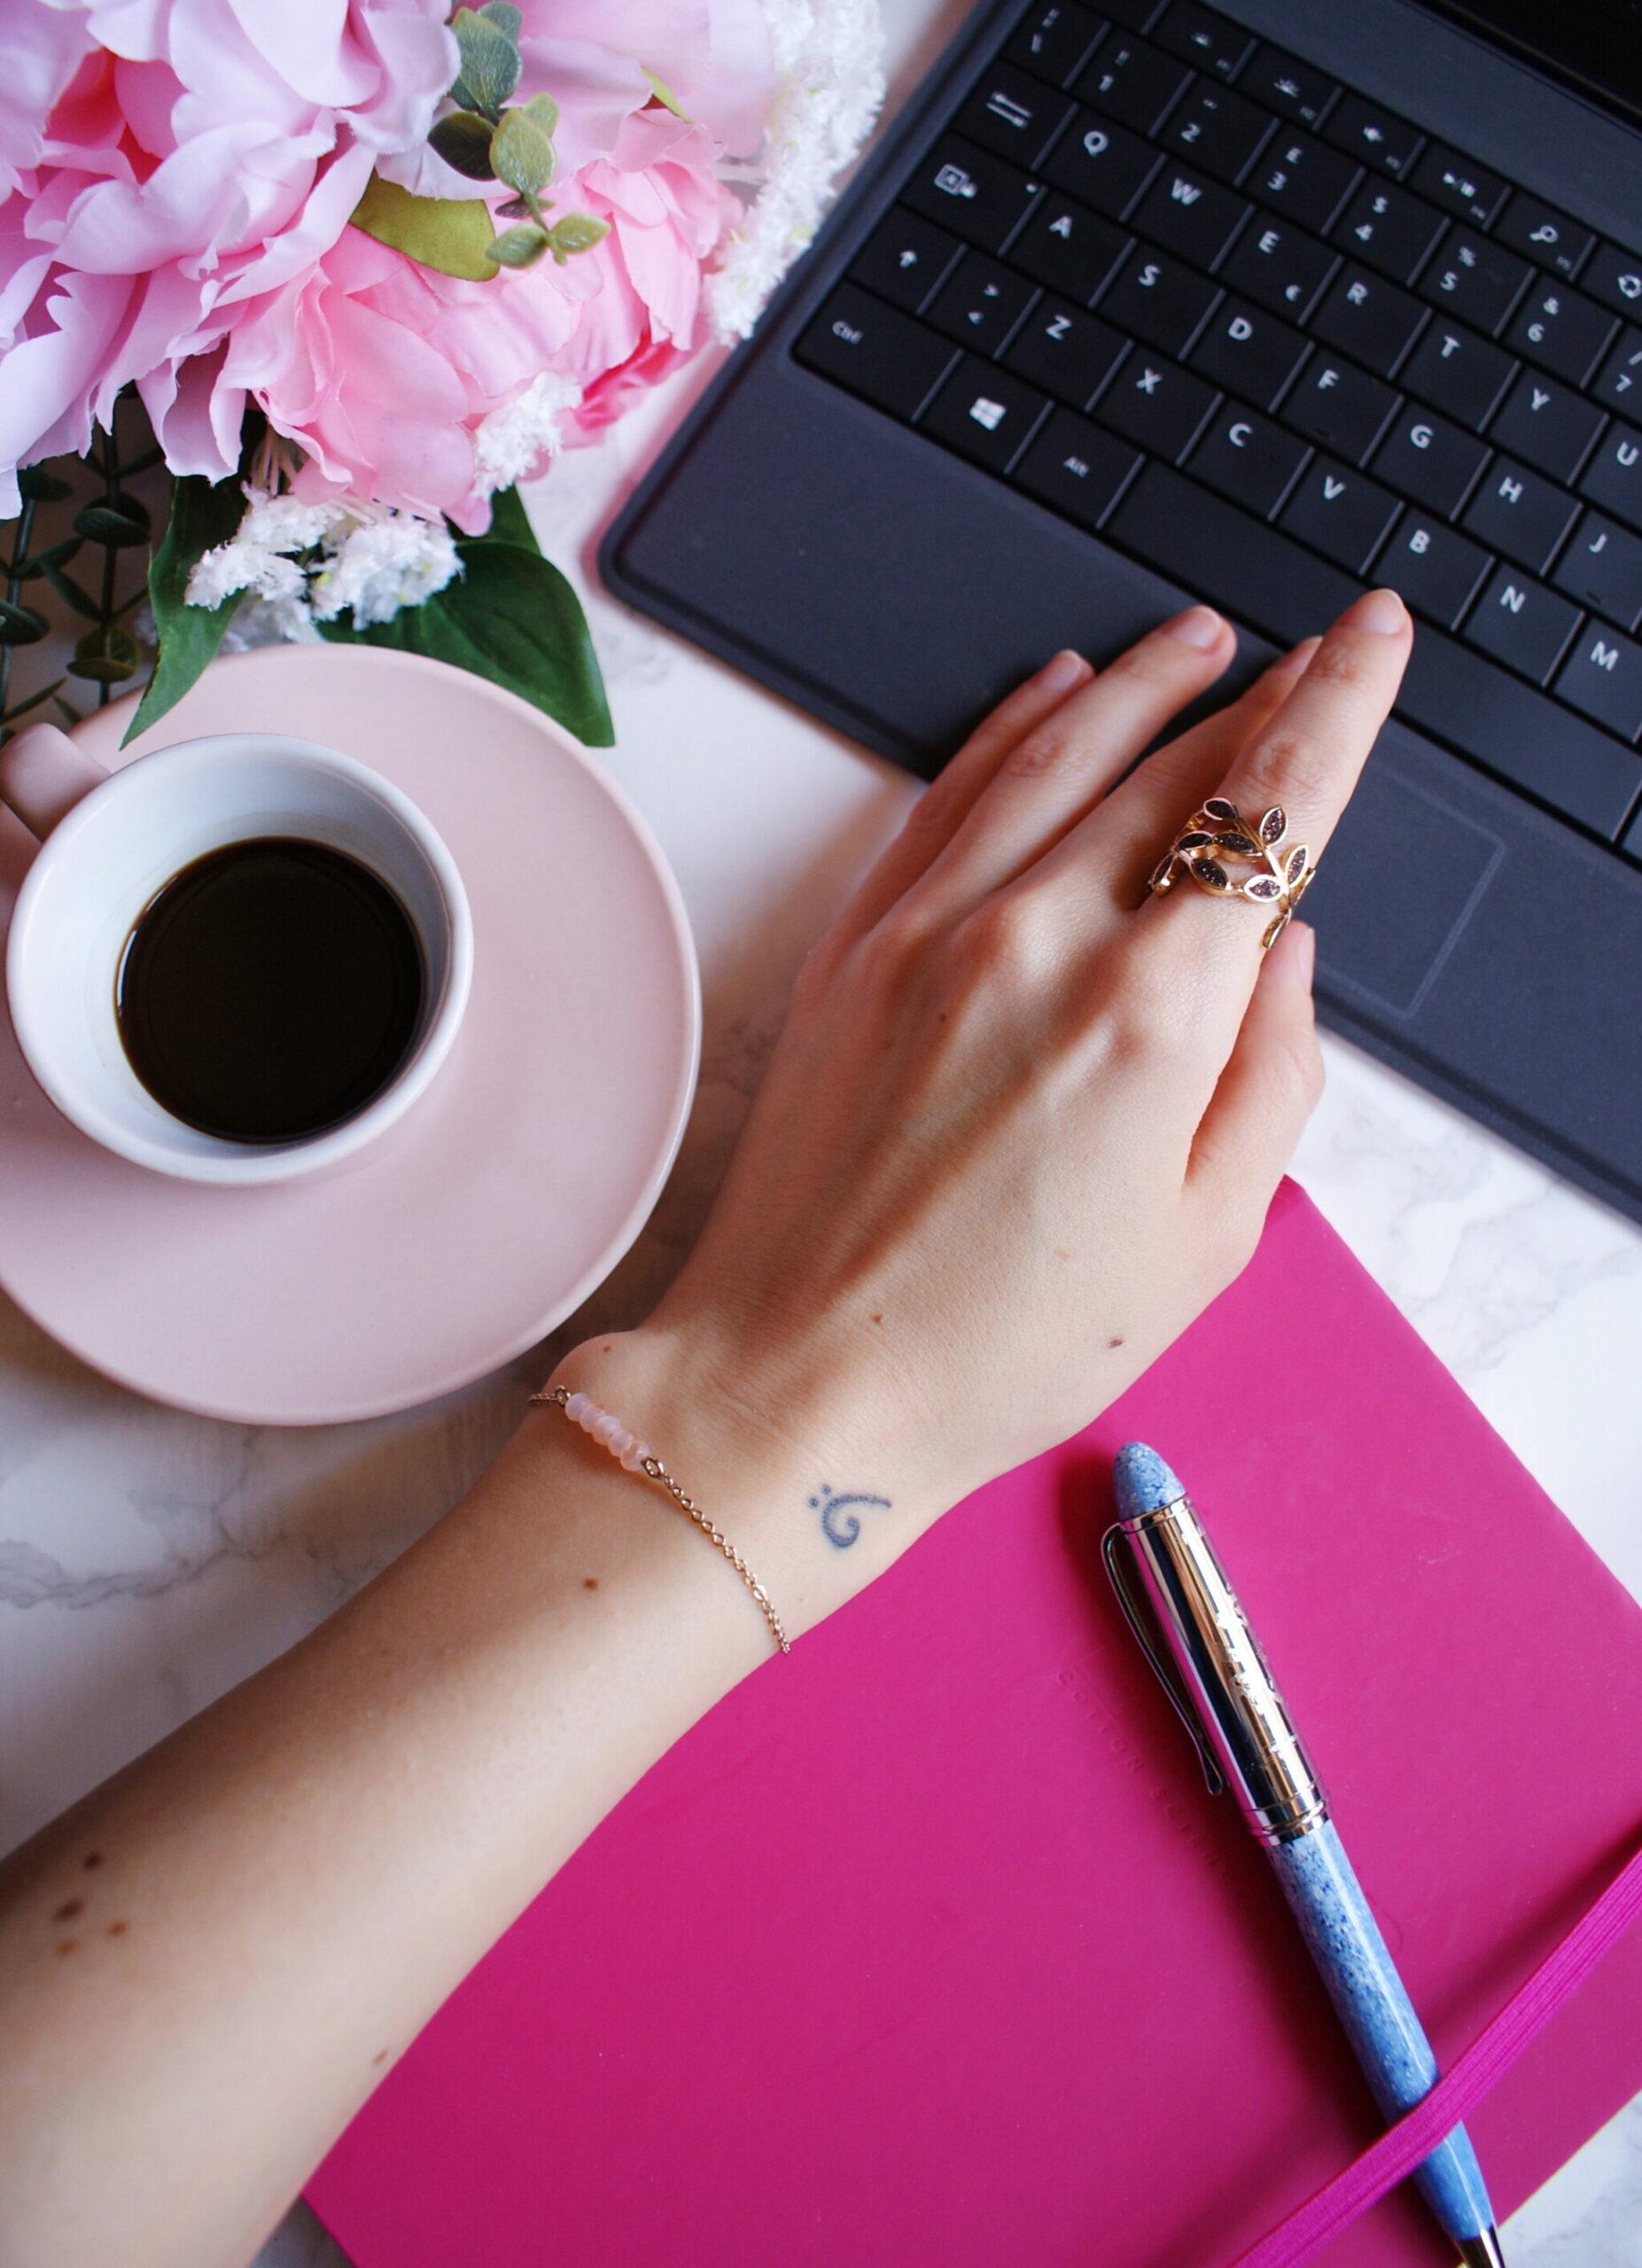 diy blog tips guide francinesplaceblog